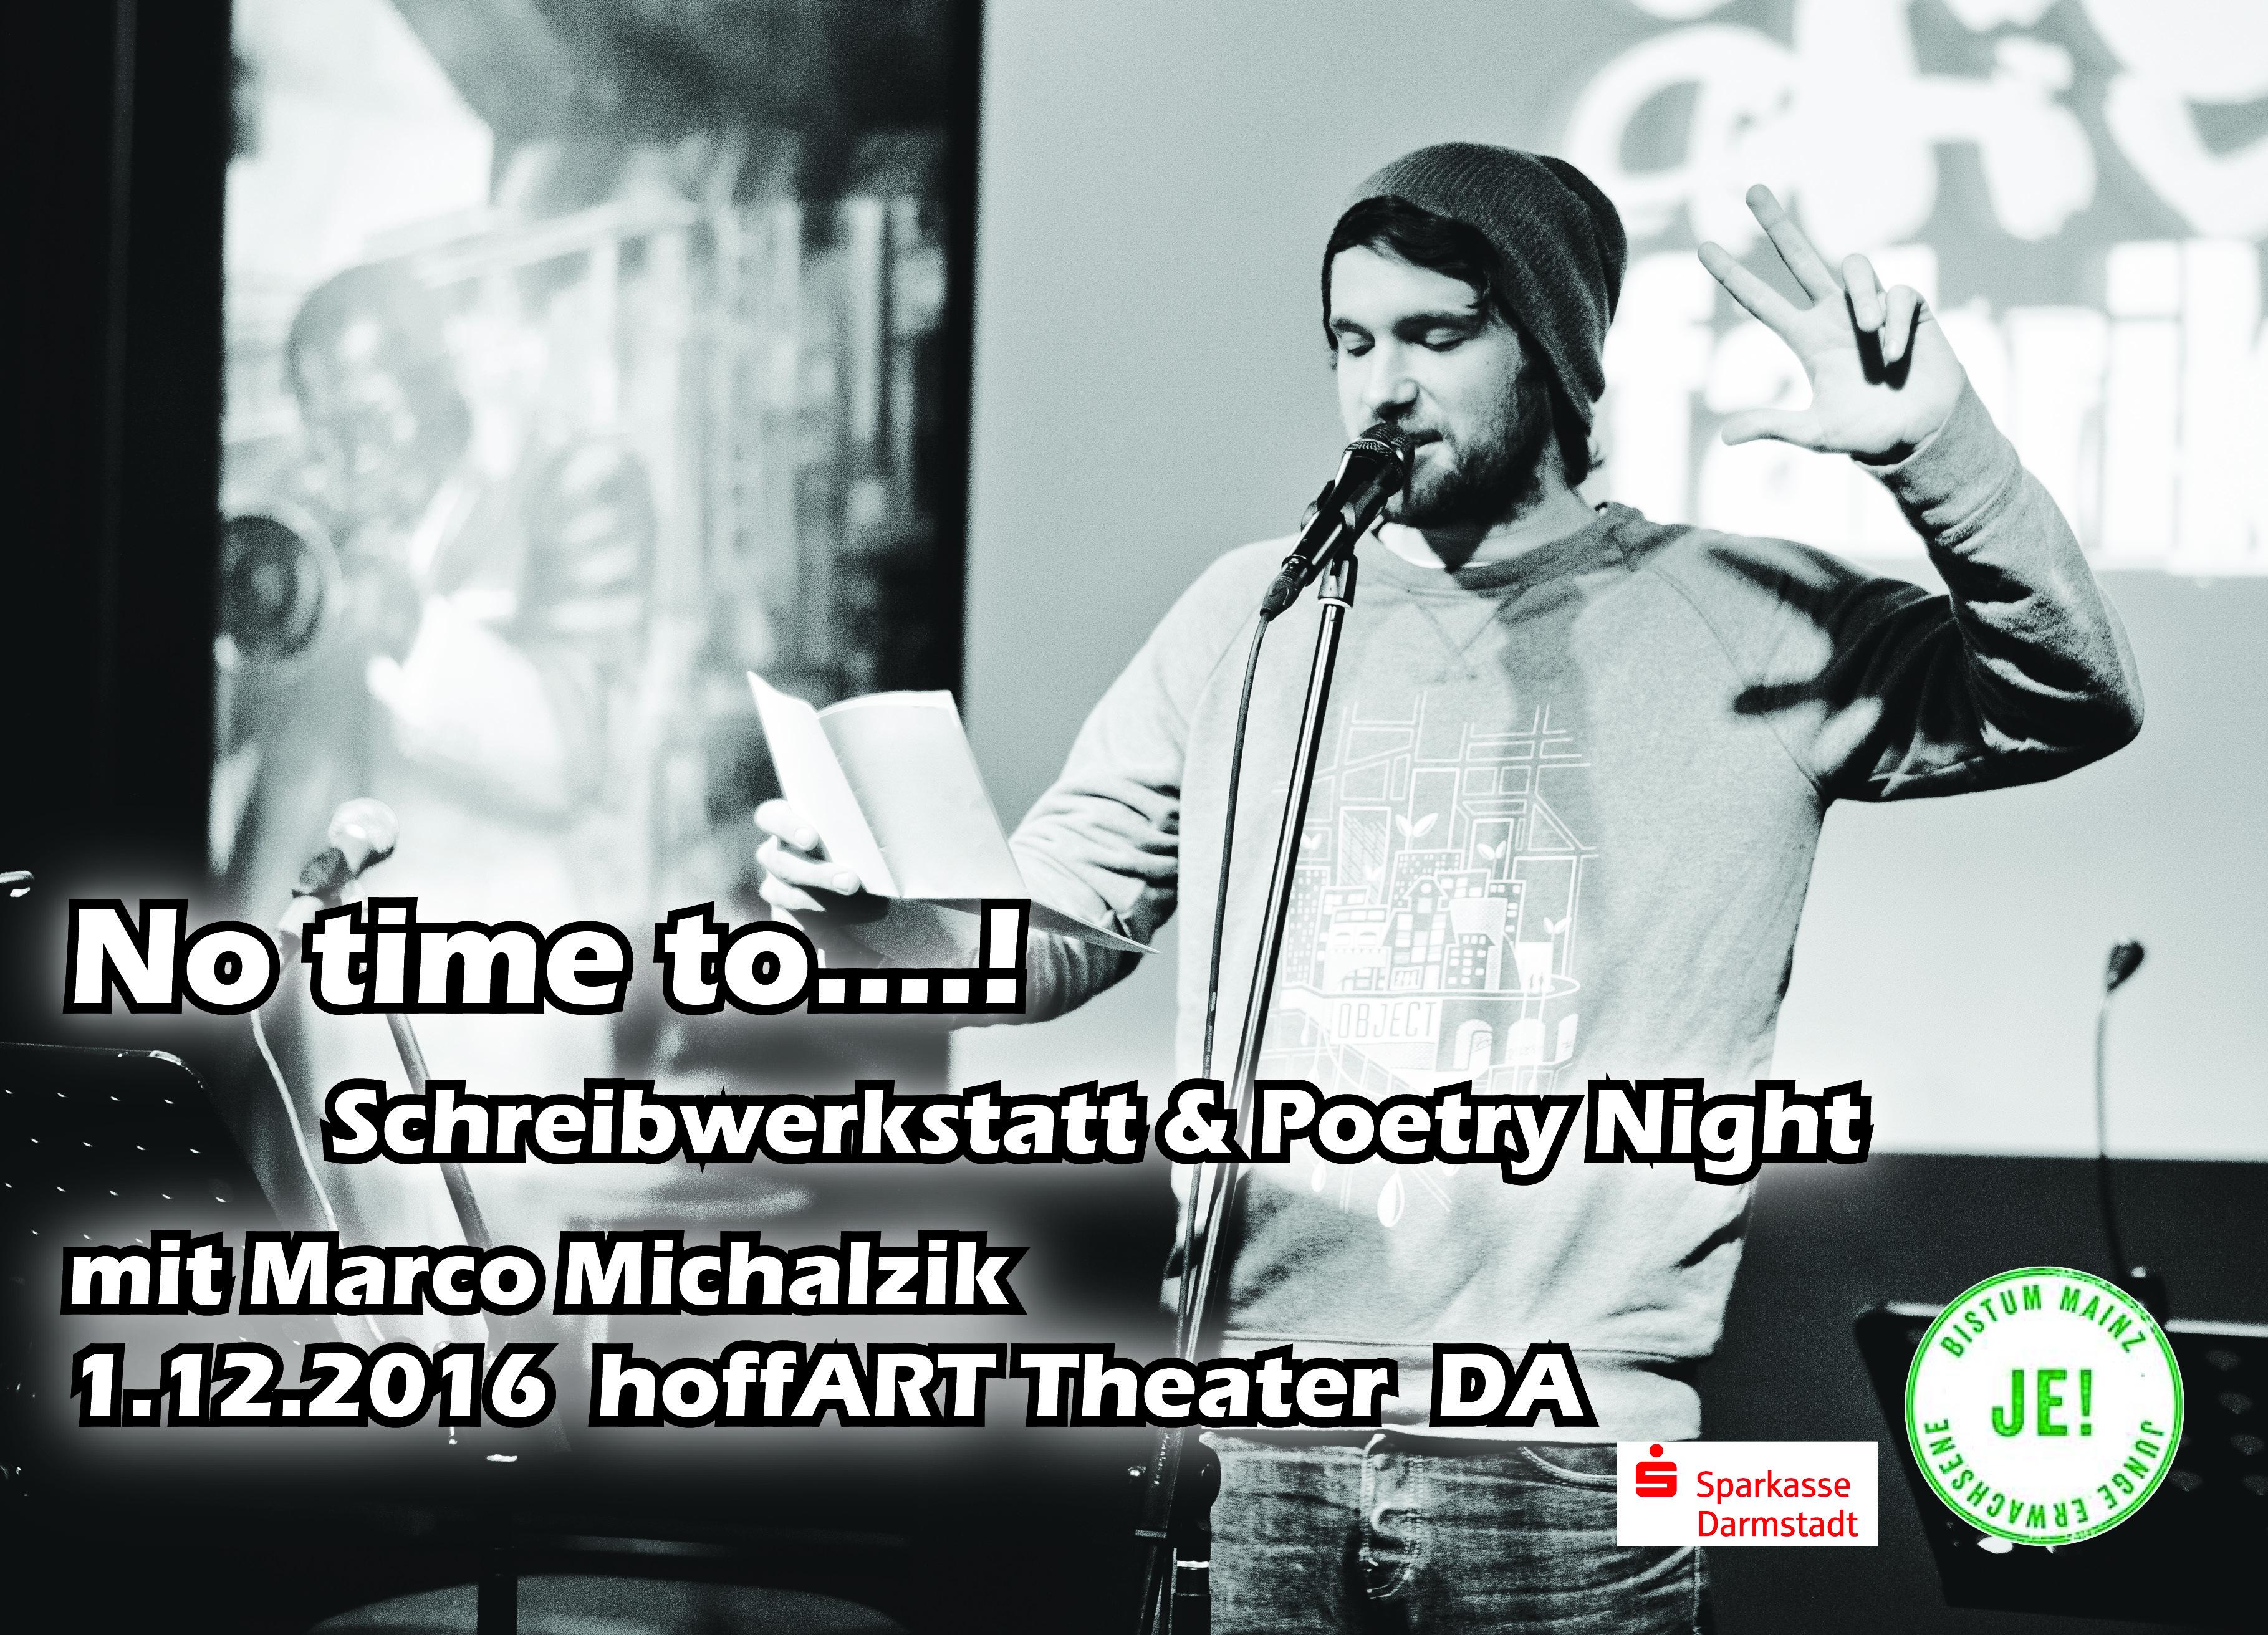 Schreibwerkstatt & Poetry Night mit Michael Michalzik